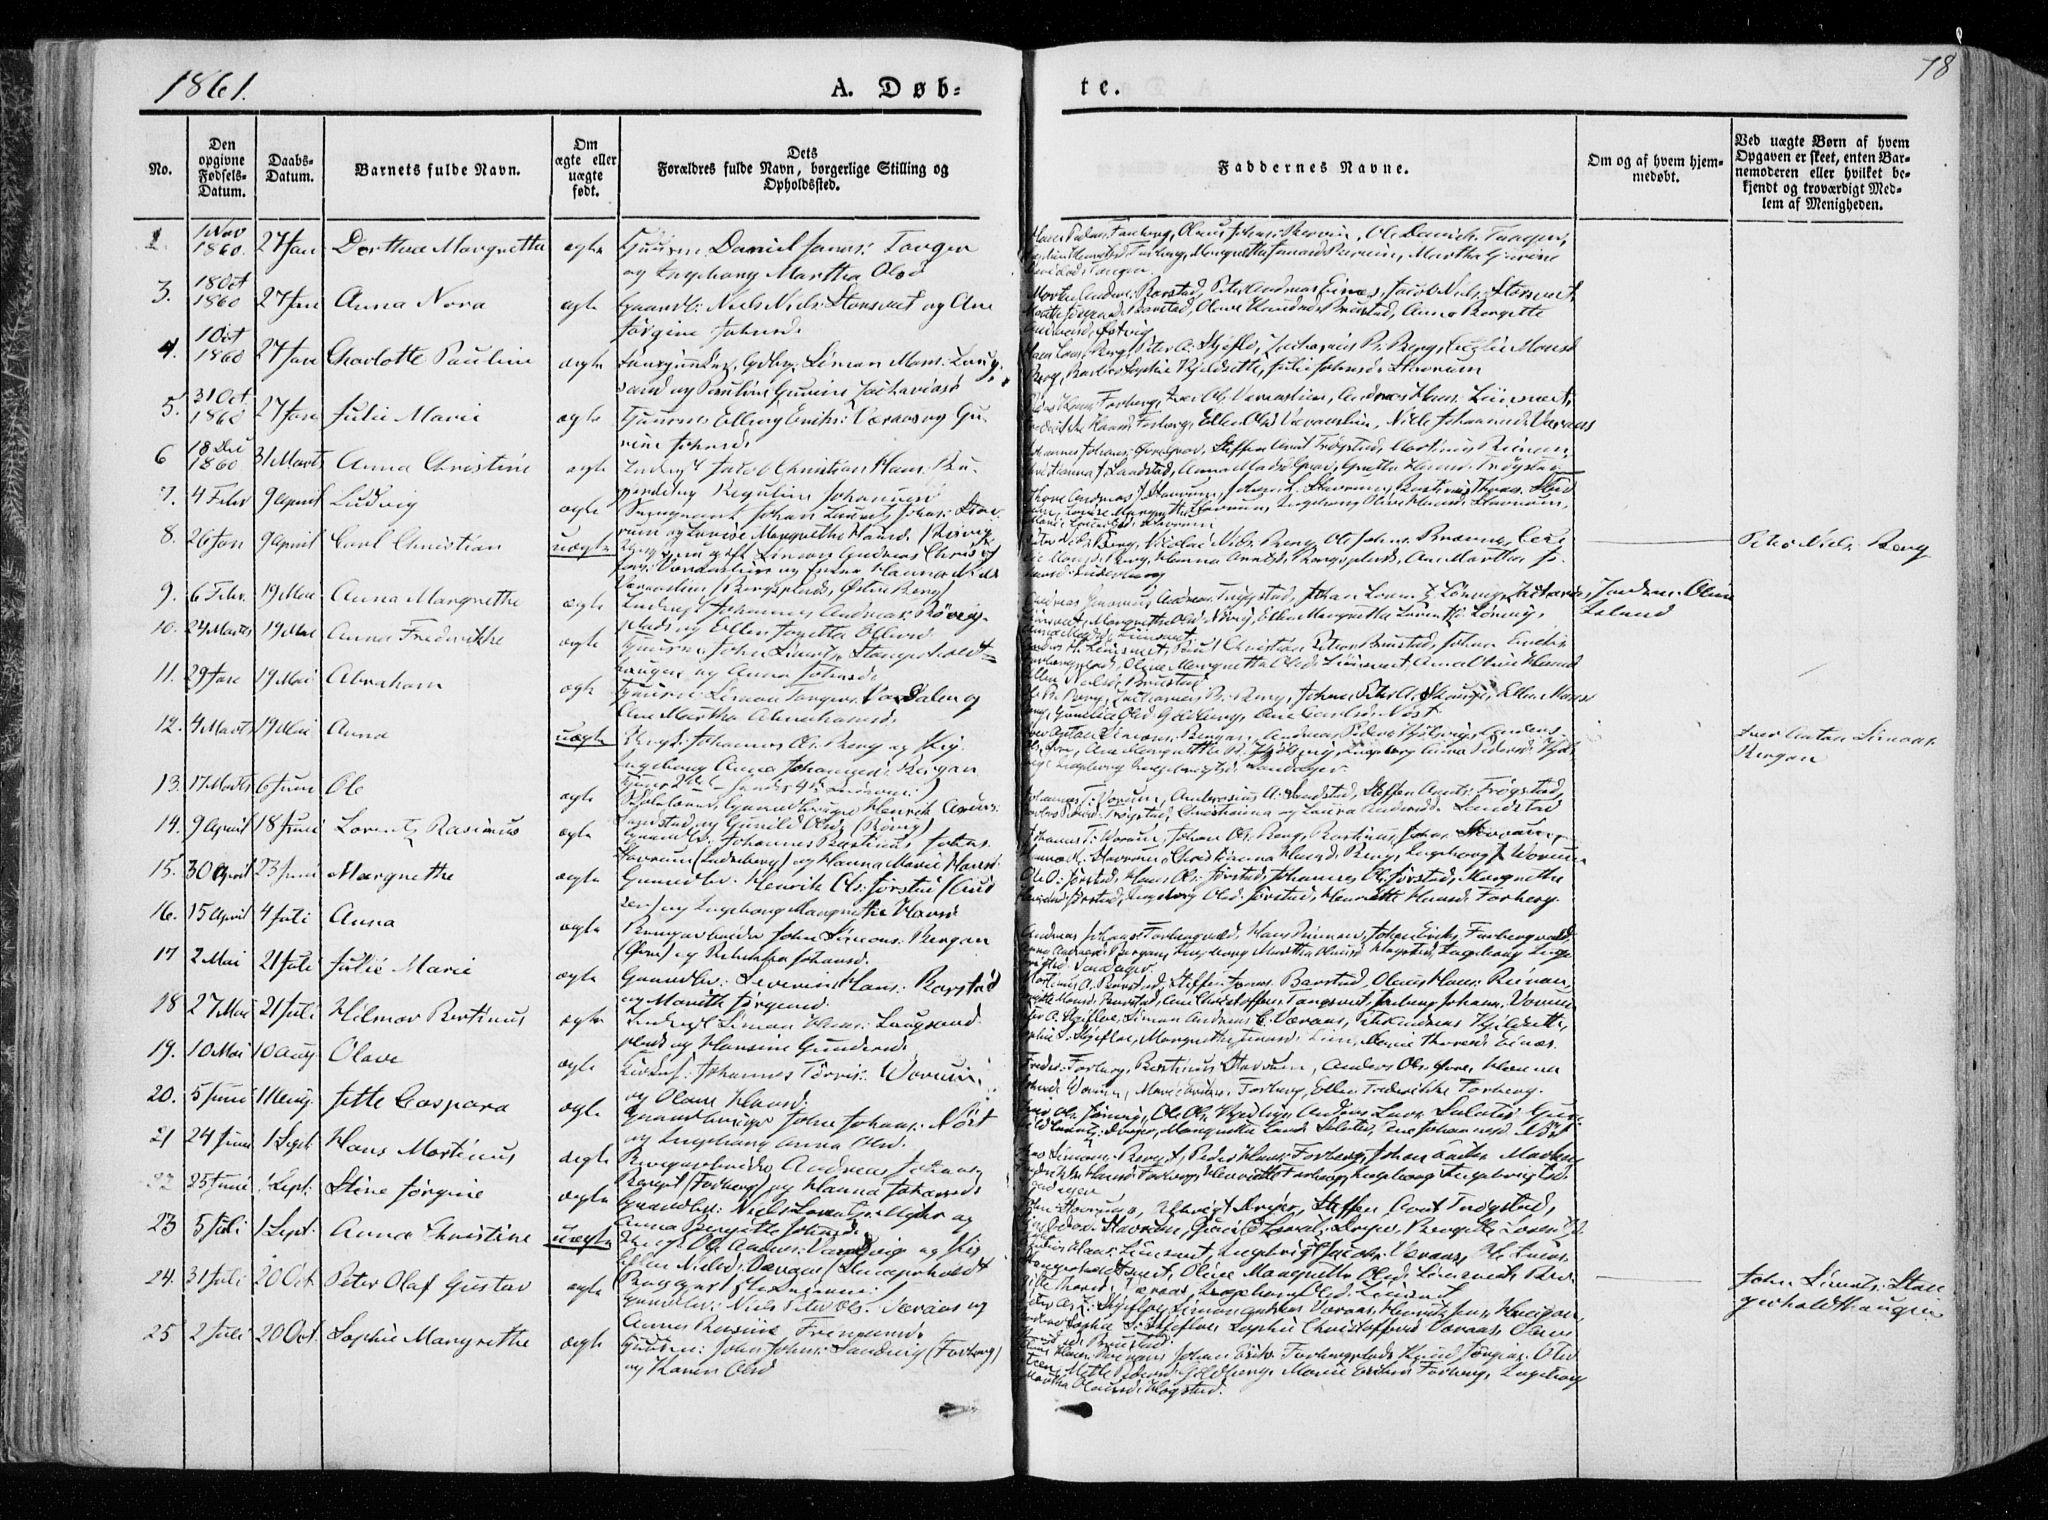 SAT, Ministerialprotokoller, klokkerbøker og fødselsregistre - Nord-Trøndelag, 722/L0218: Ministerialbok nr. 722A05, 1843-1868, s. 78